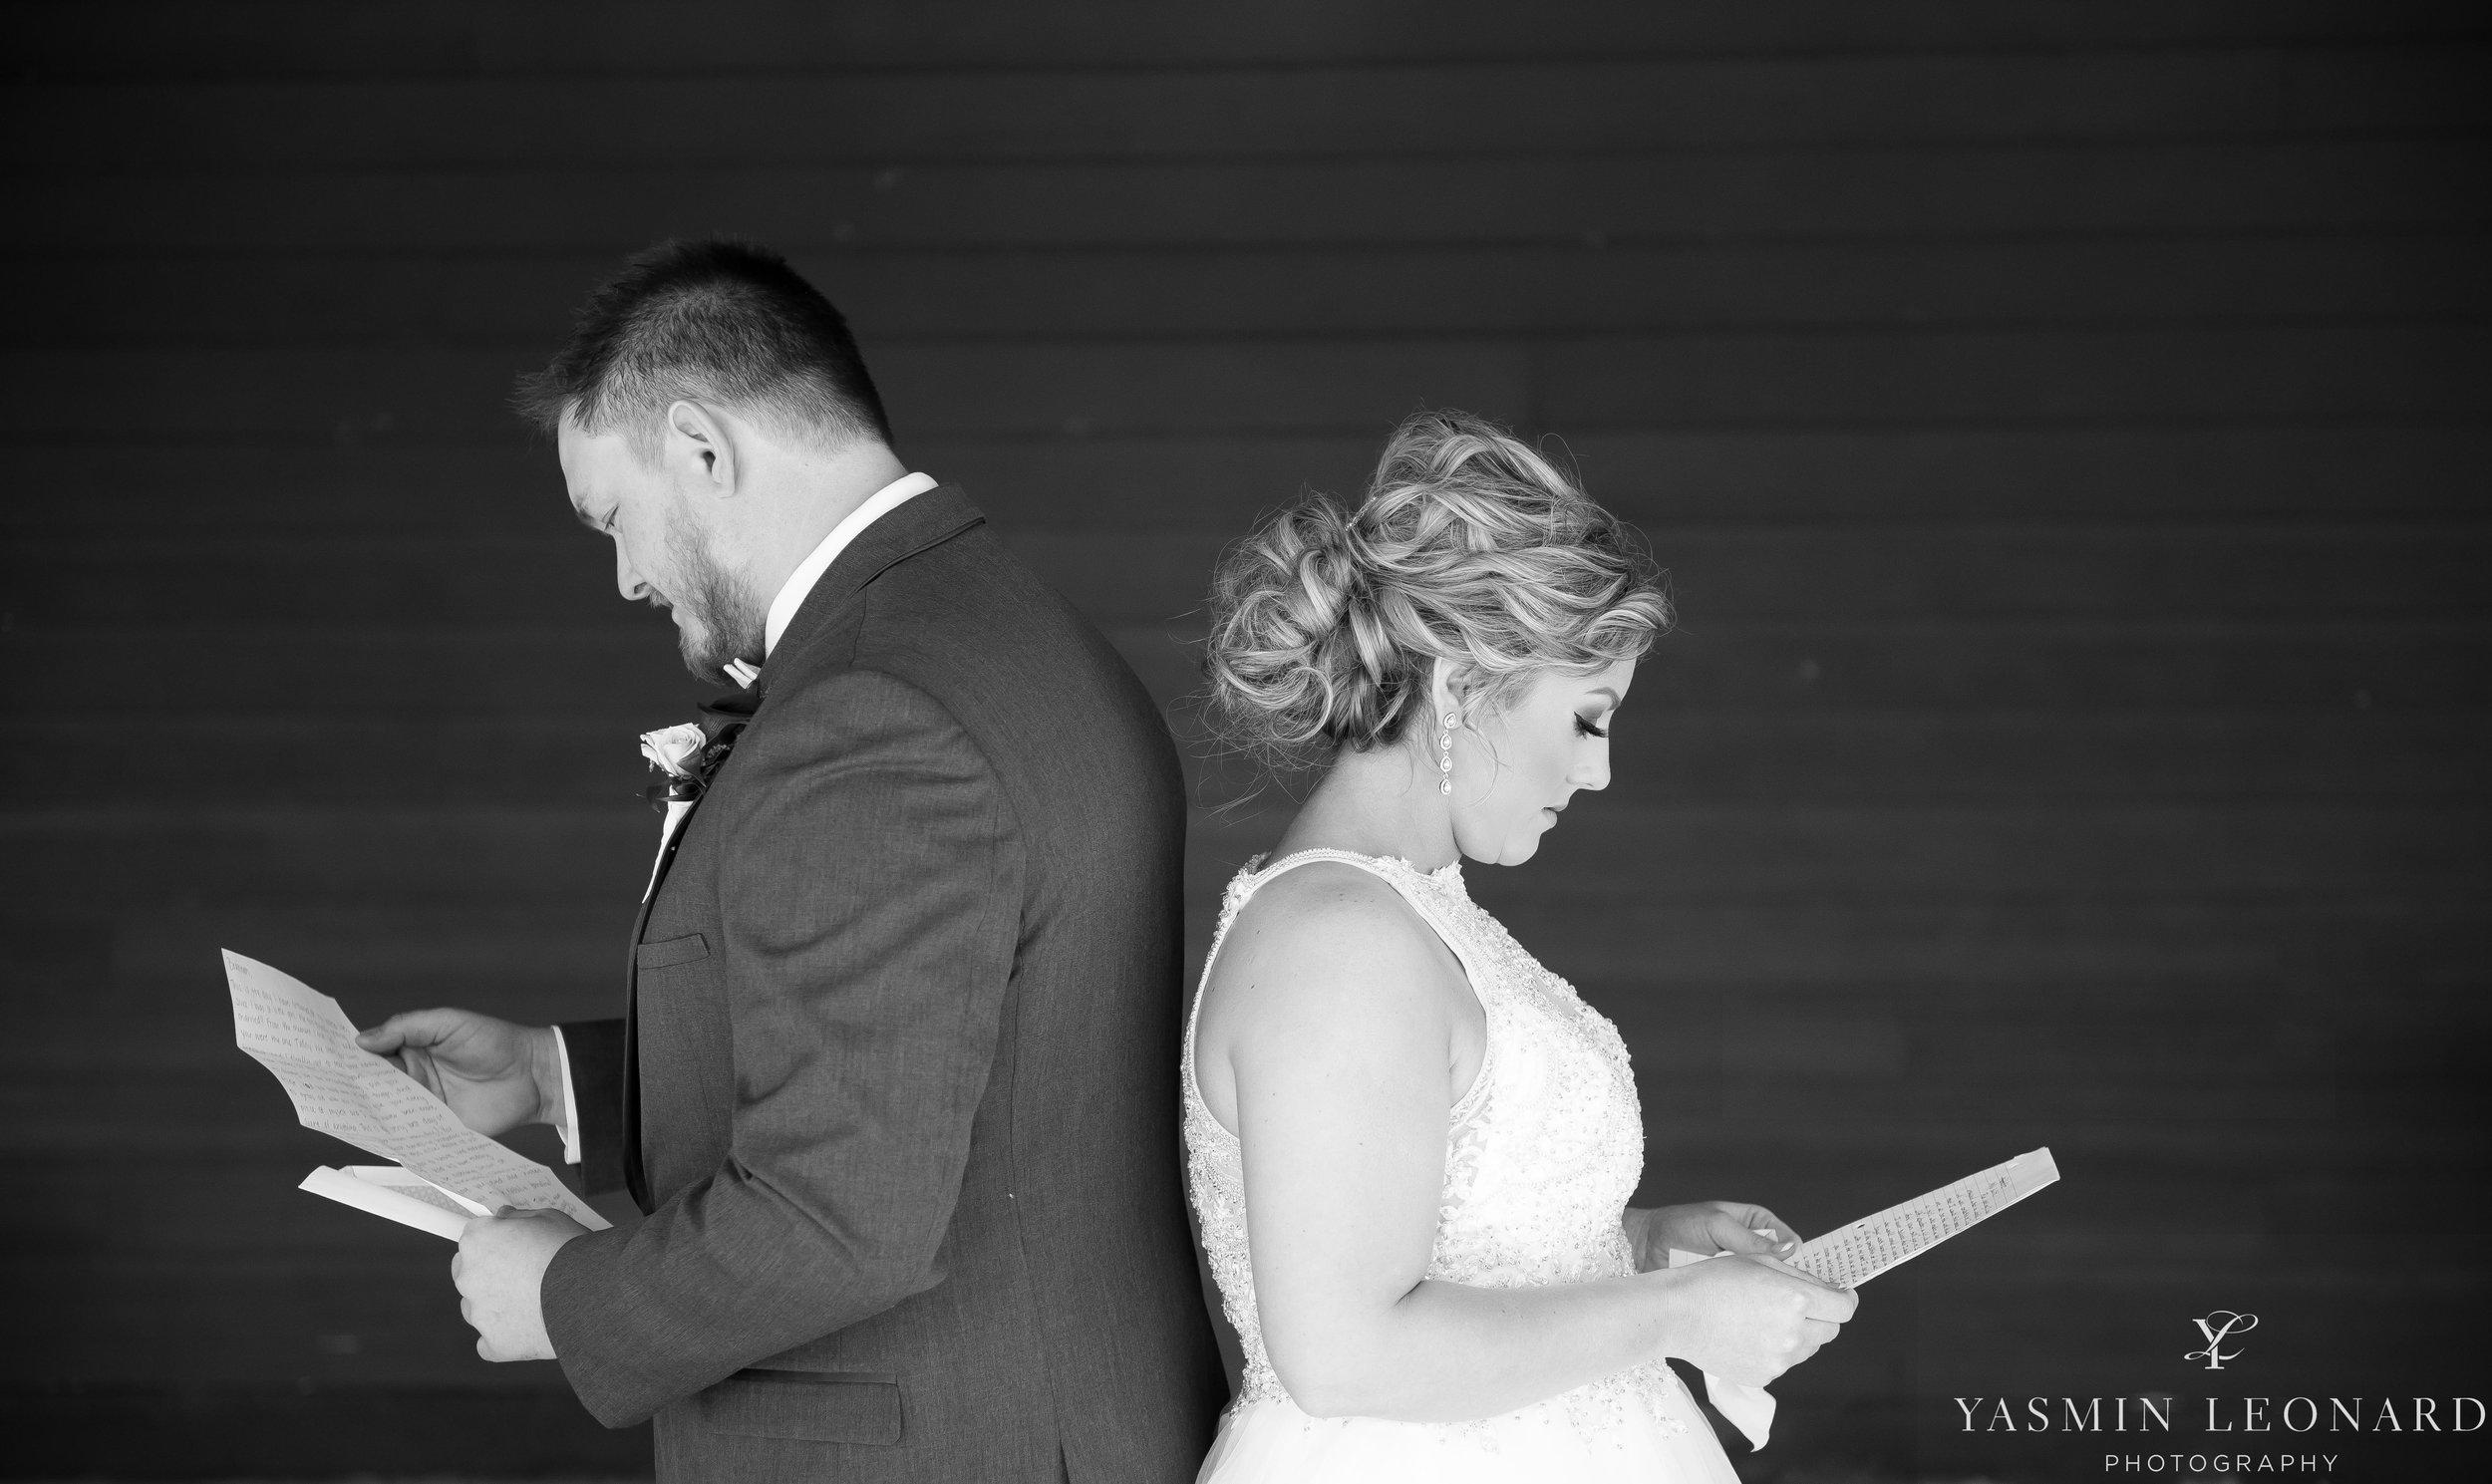 Millikan Farms - Millikan Farms Wedding - Sophia NC Wedding - NC Wedding - NC Wedding Photographer - Yasmin Leonard Photography - High Point Photographer - Barn Wedding - Wedding Venues in NC - Triad Wedding Photographer-22.jpg